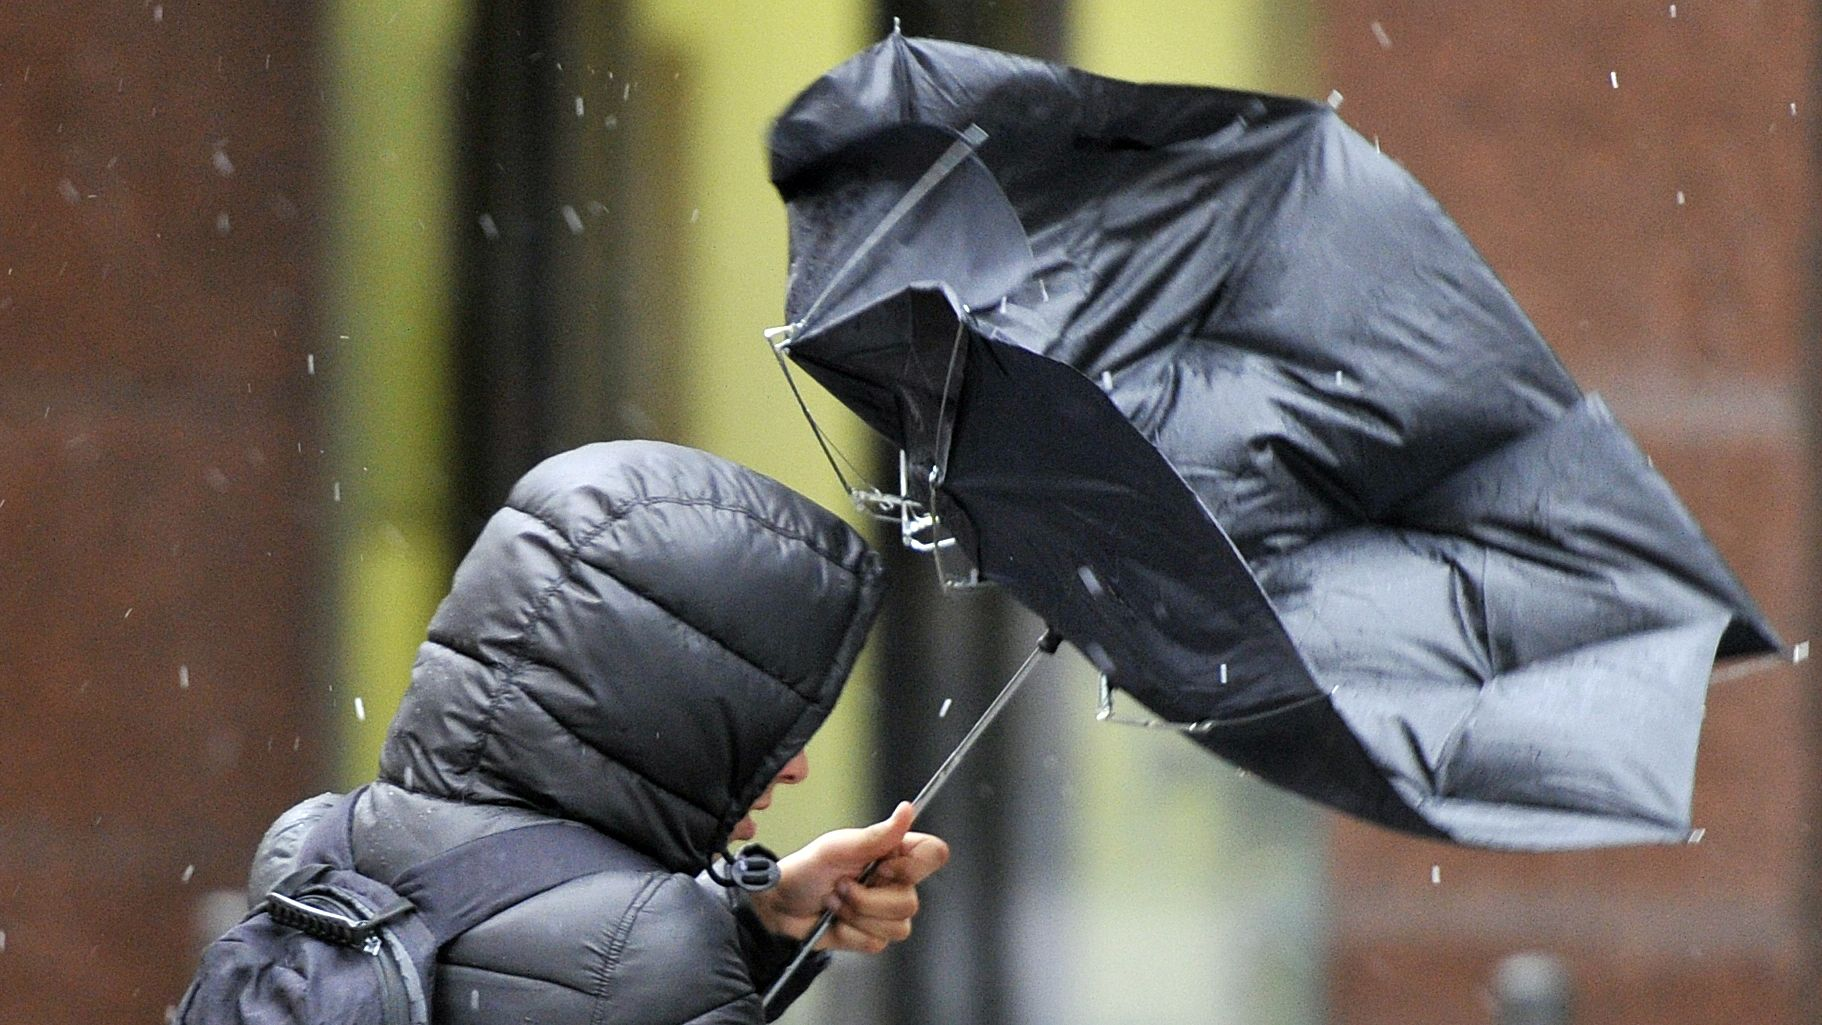 Der Regenschirm eines Mannes wird vom Wind deformiert.